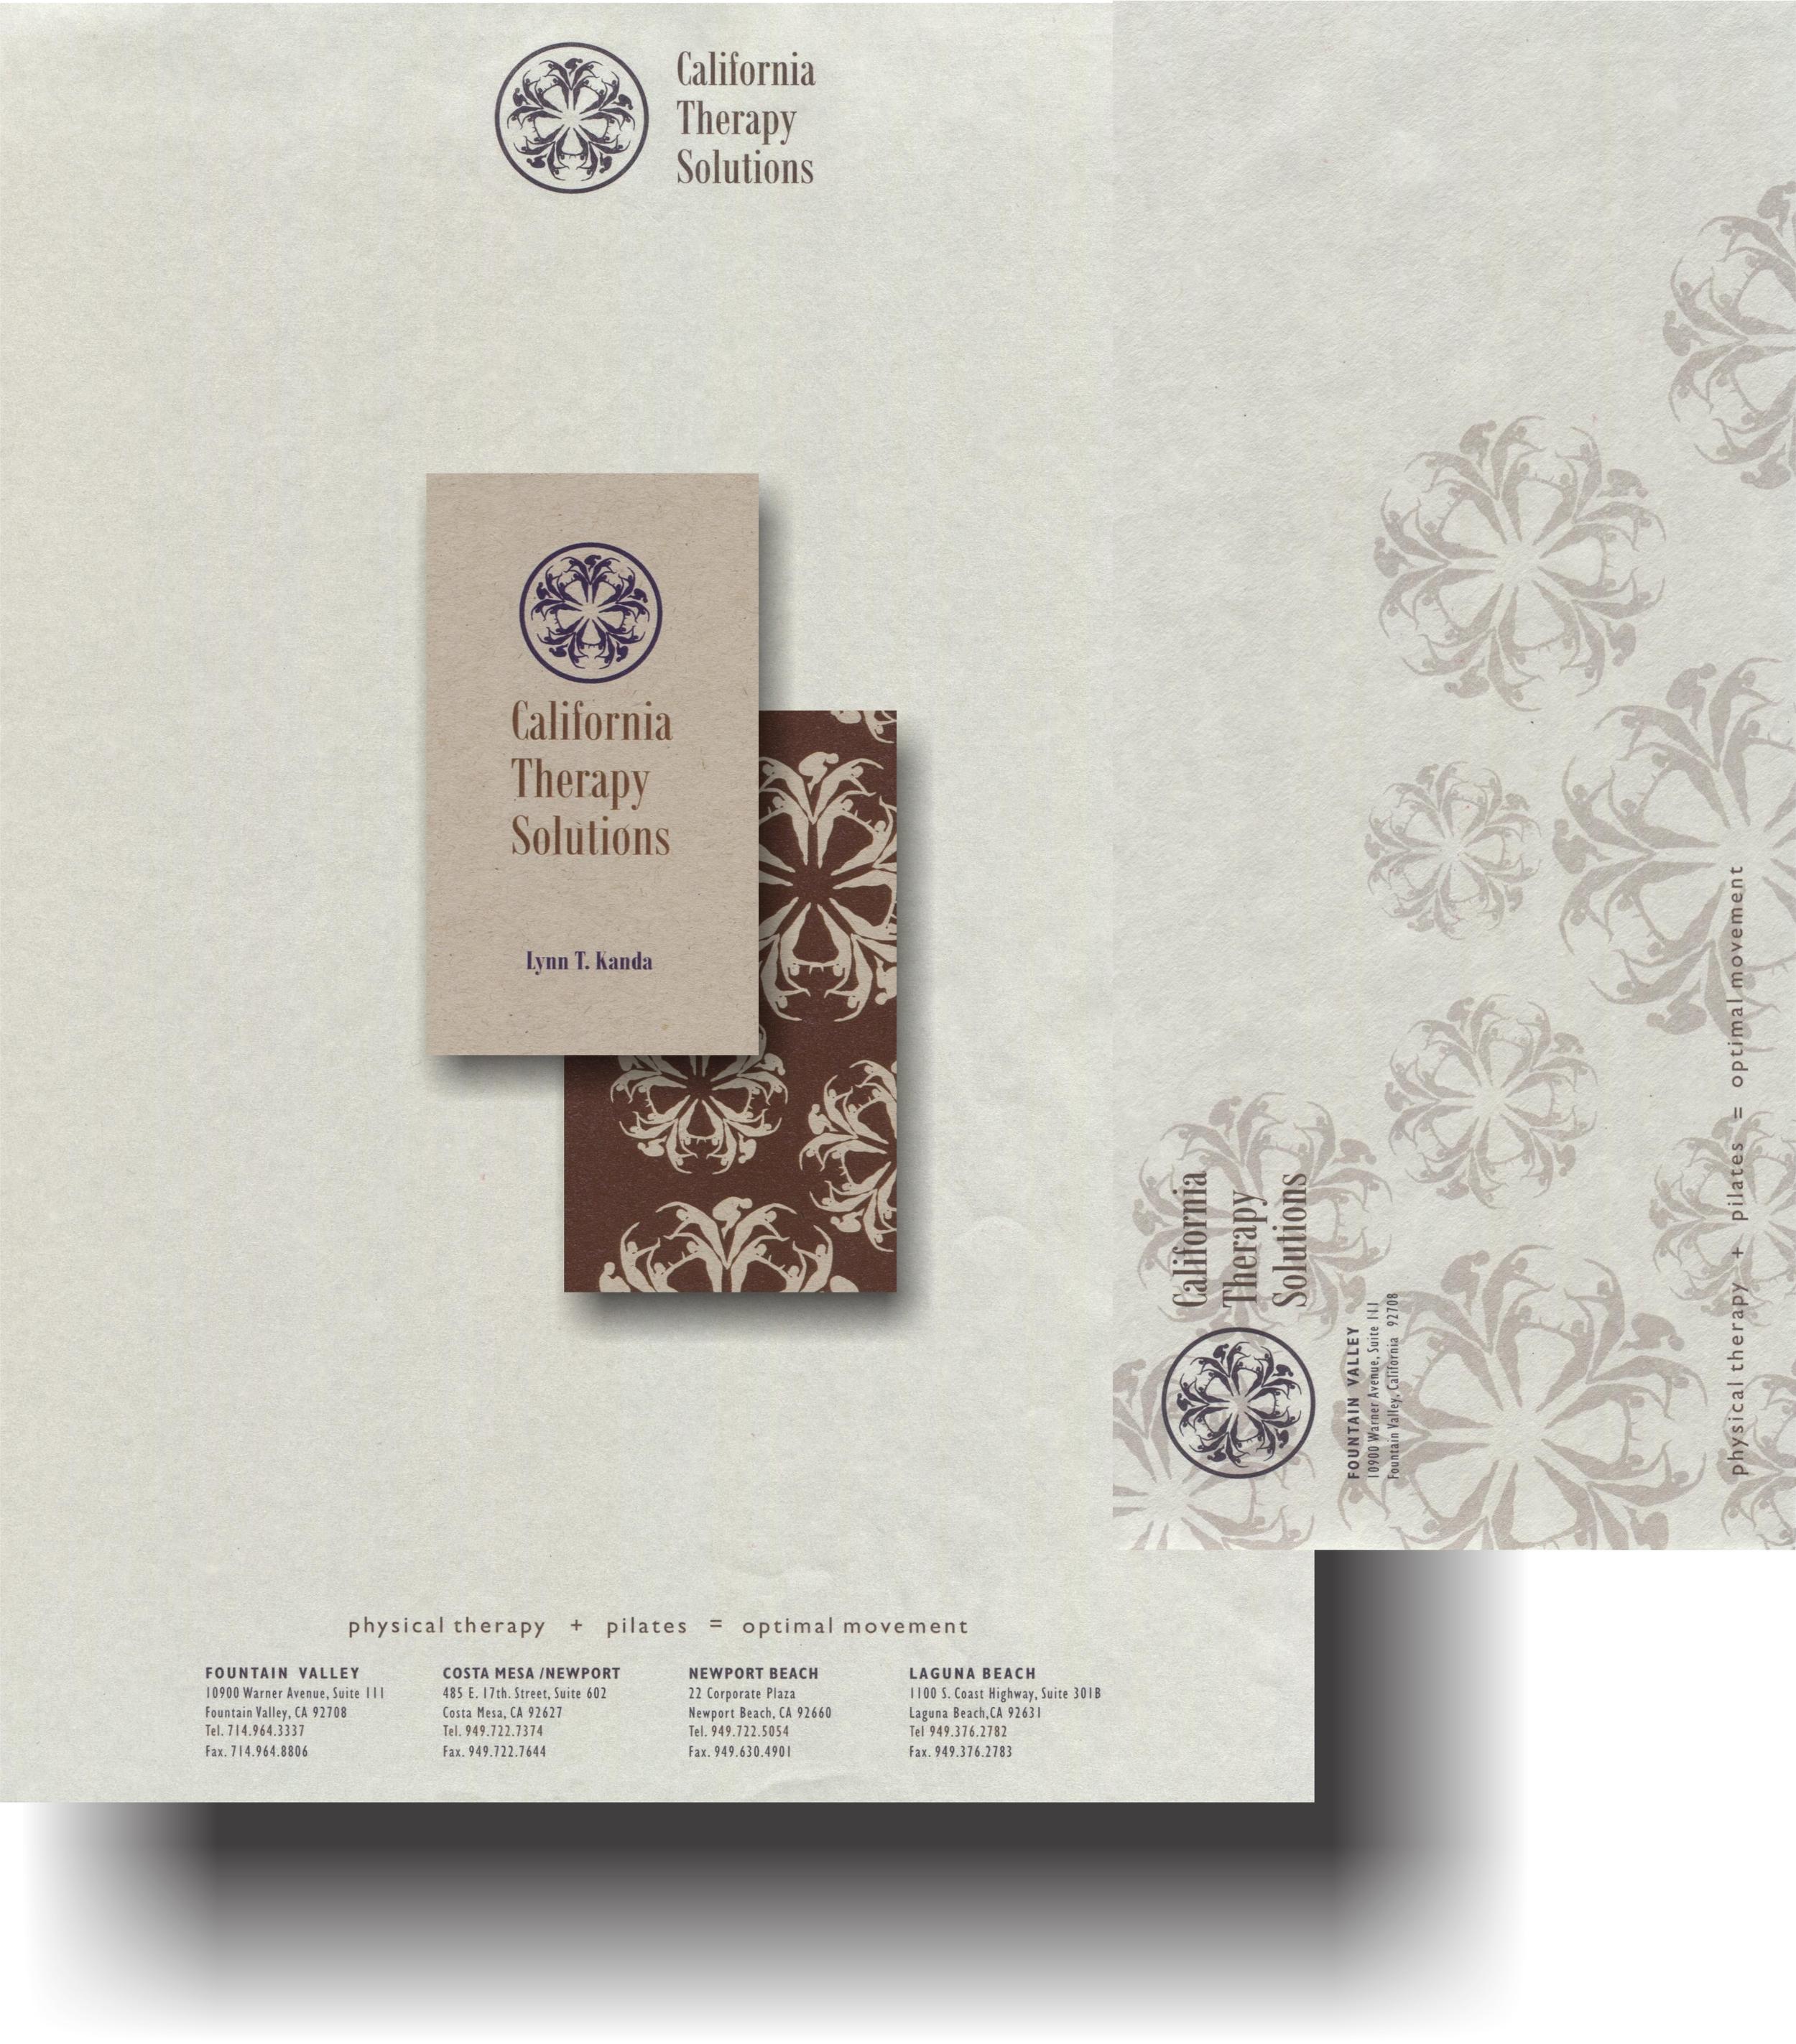 CTS Letterhead & Card